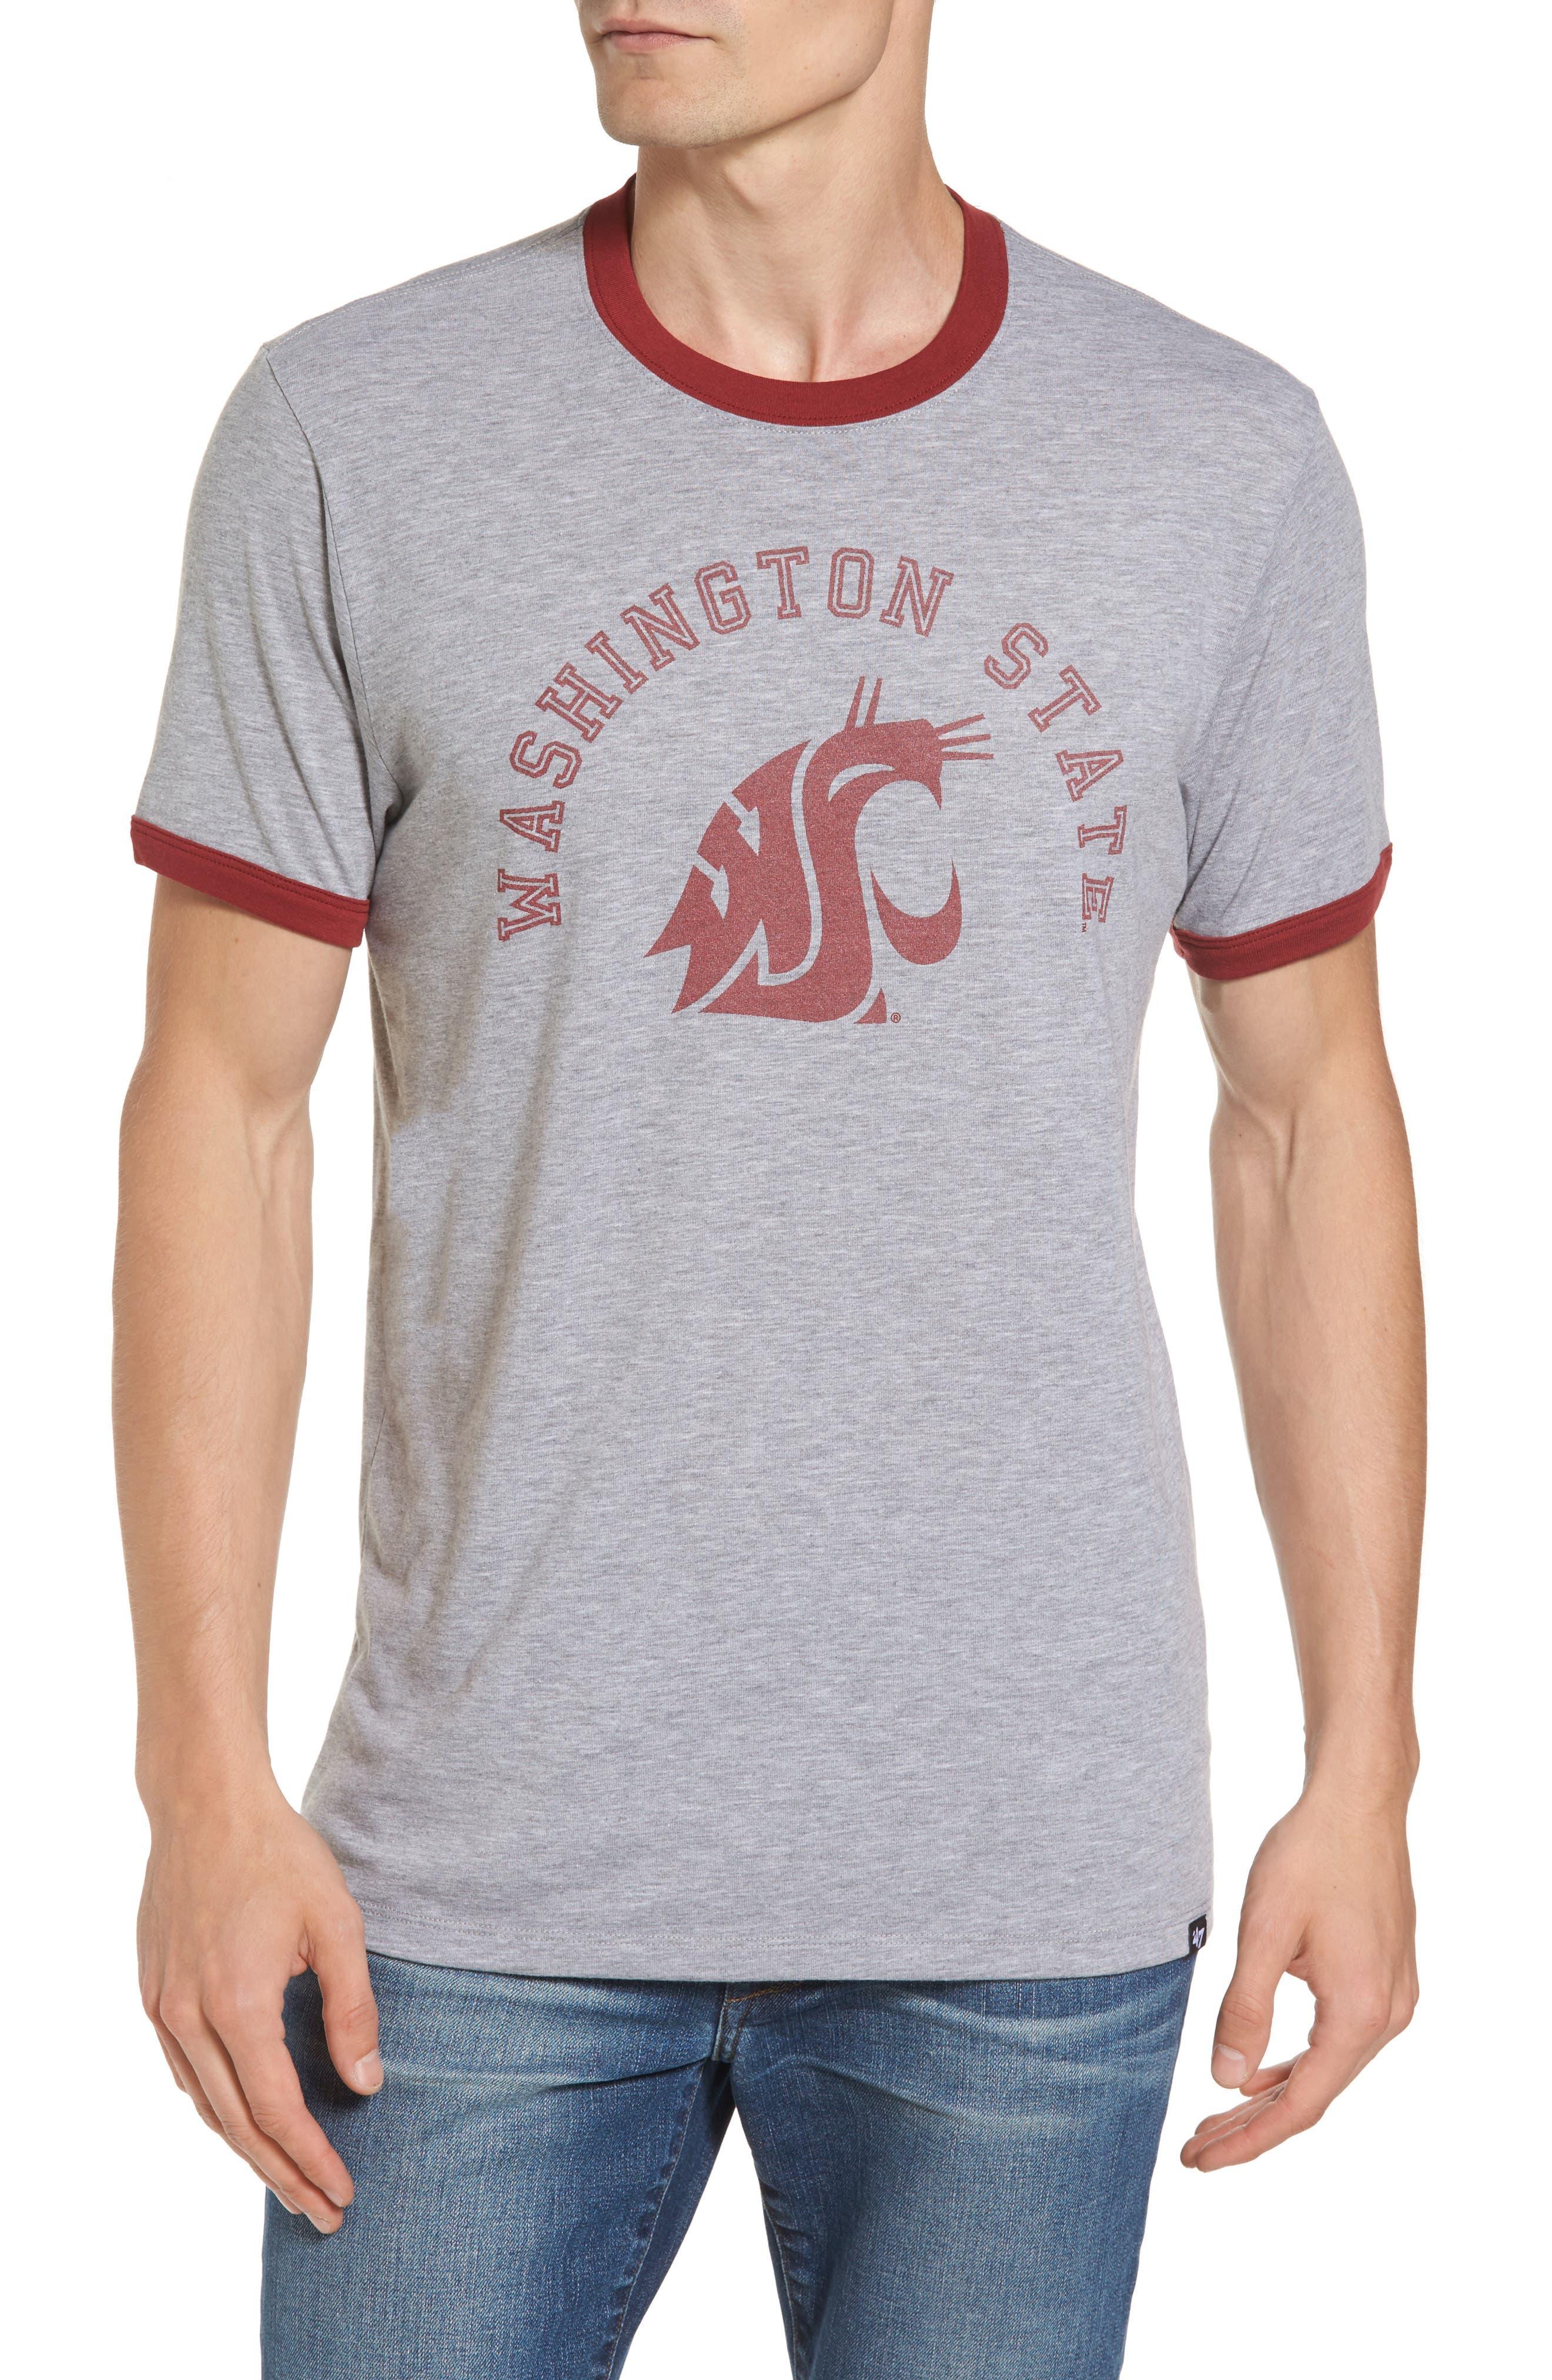 Main Image - '47 Washington State University Cougars Ringer T-Shirt